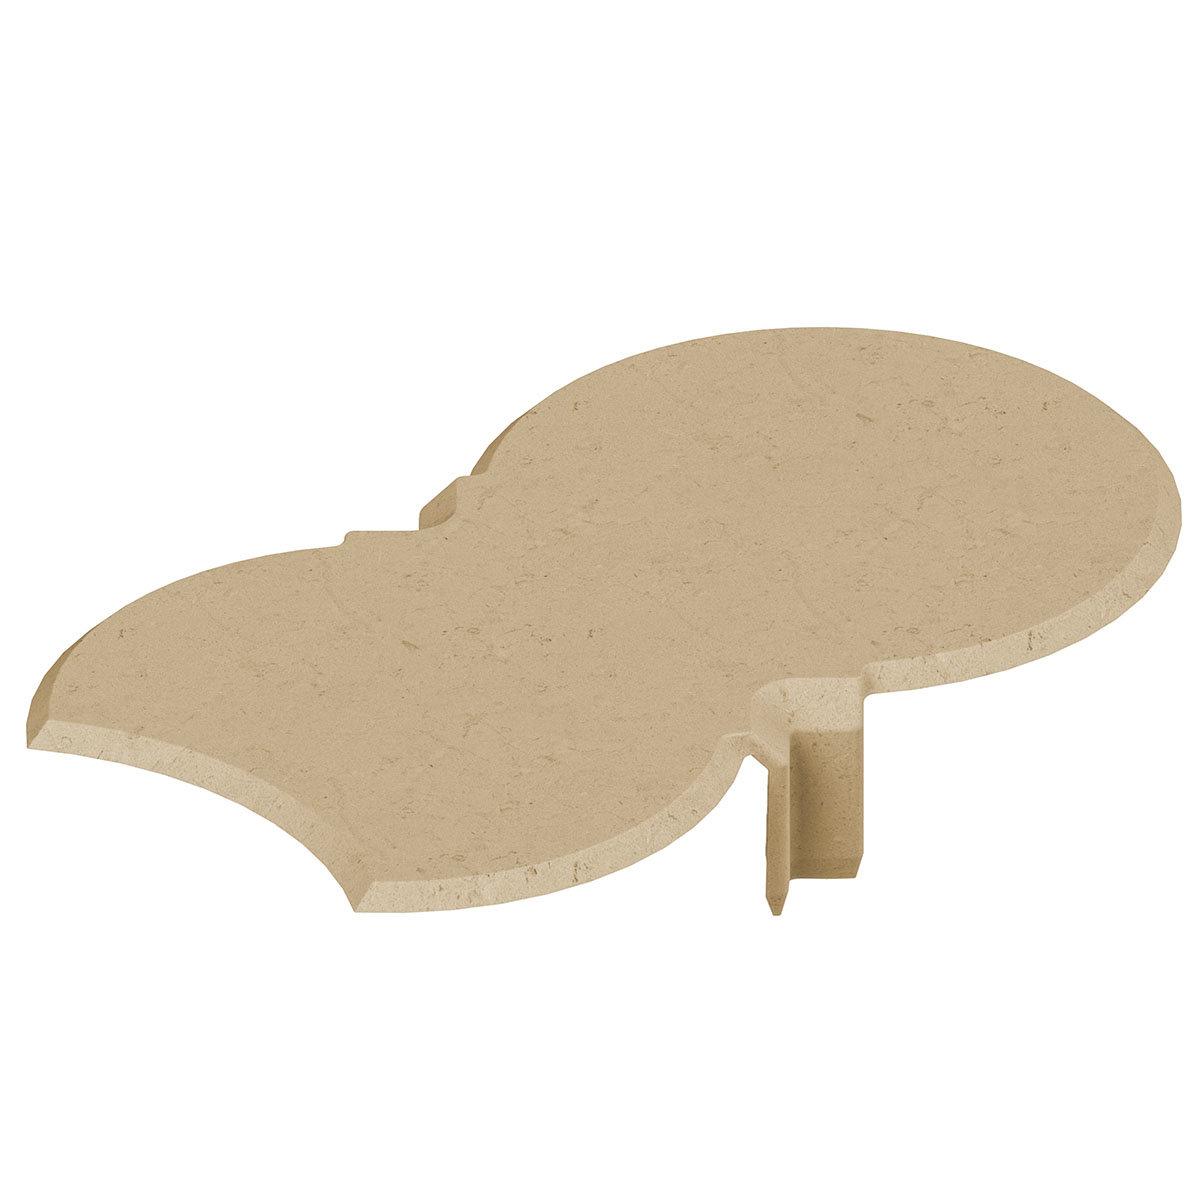 Aufsatzplatten zum Schneckenschutz, 1 Stück | #2